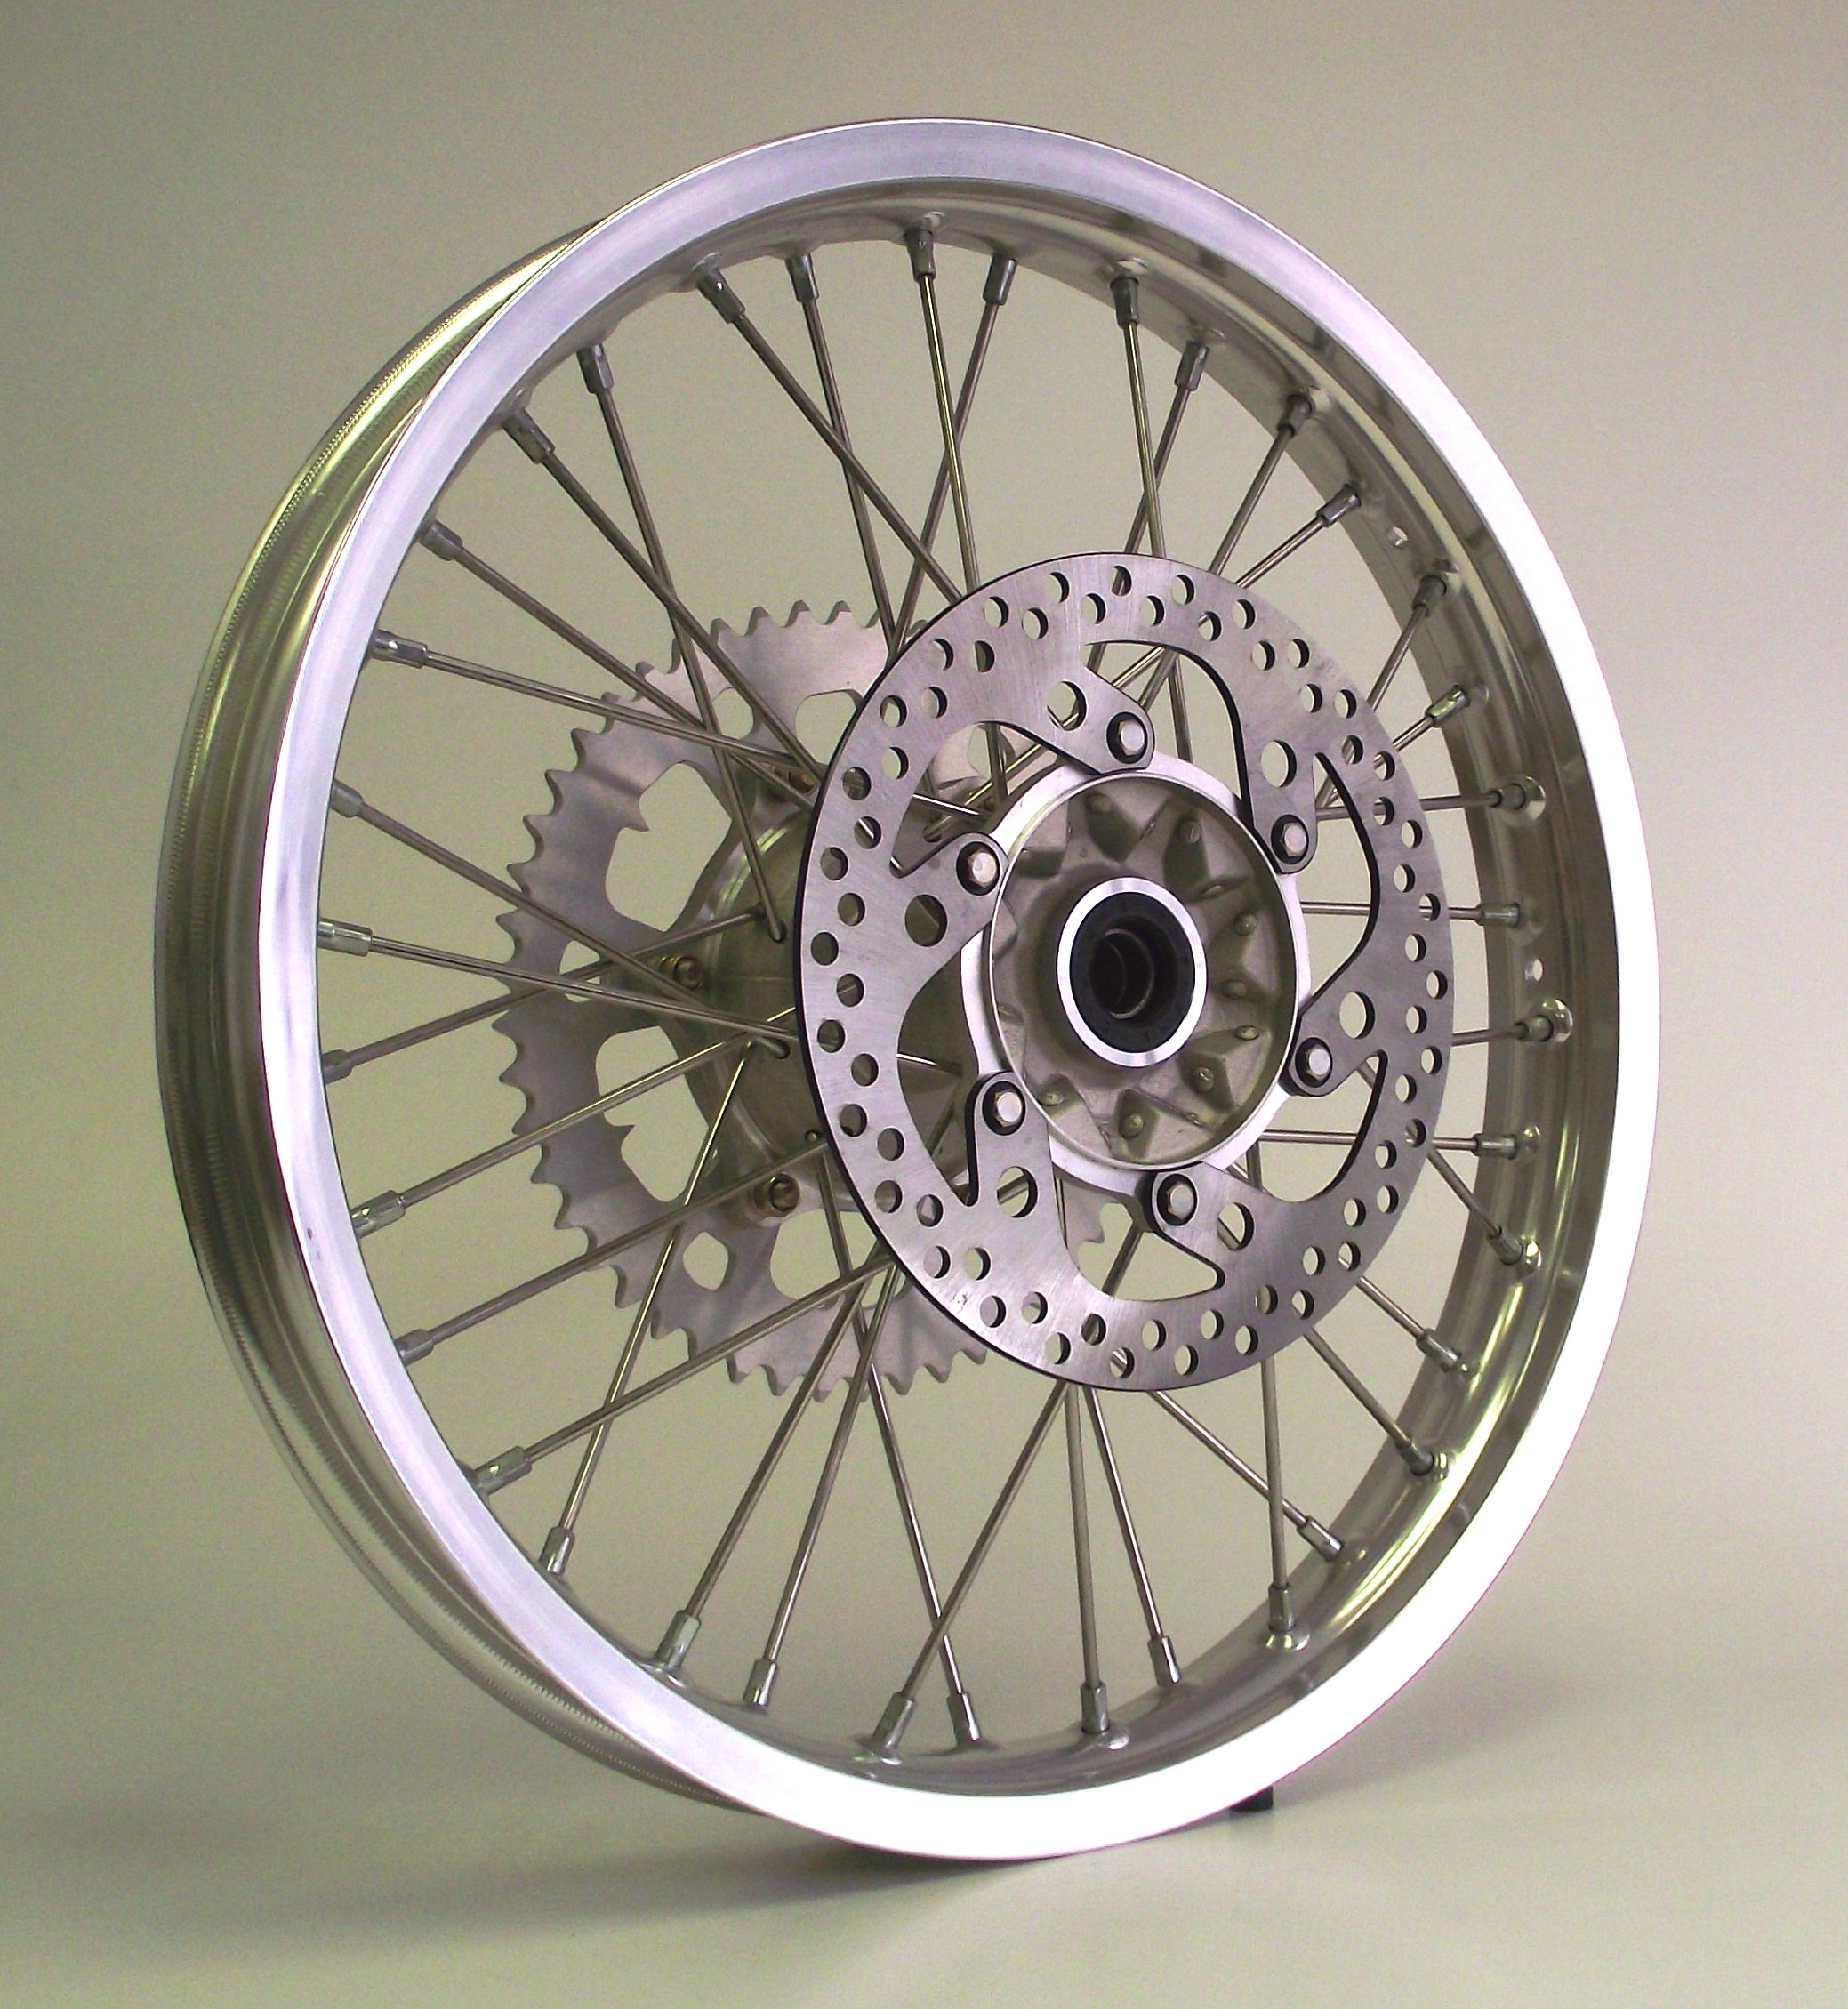 00-08 XR650R XR 650R Honda Rear Wheel 18x2.15 Rim w/ Sprocket & Disk 18''